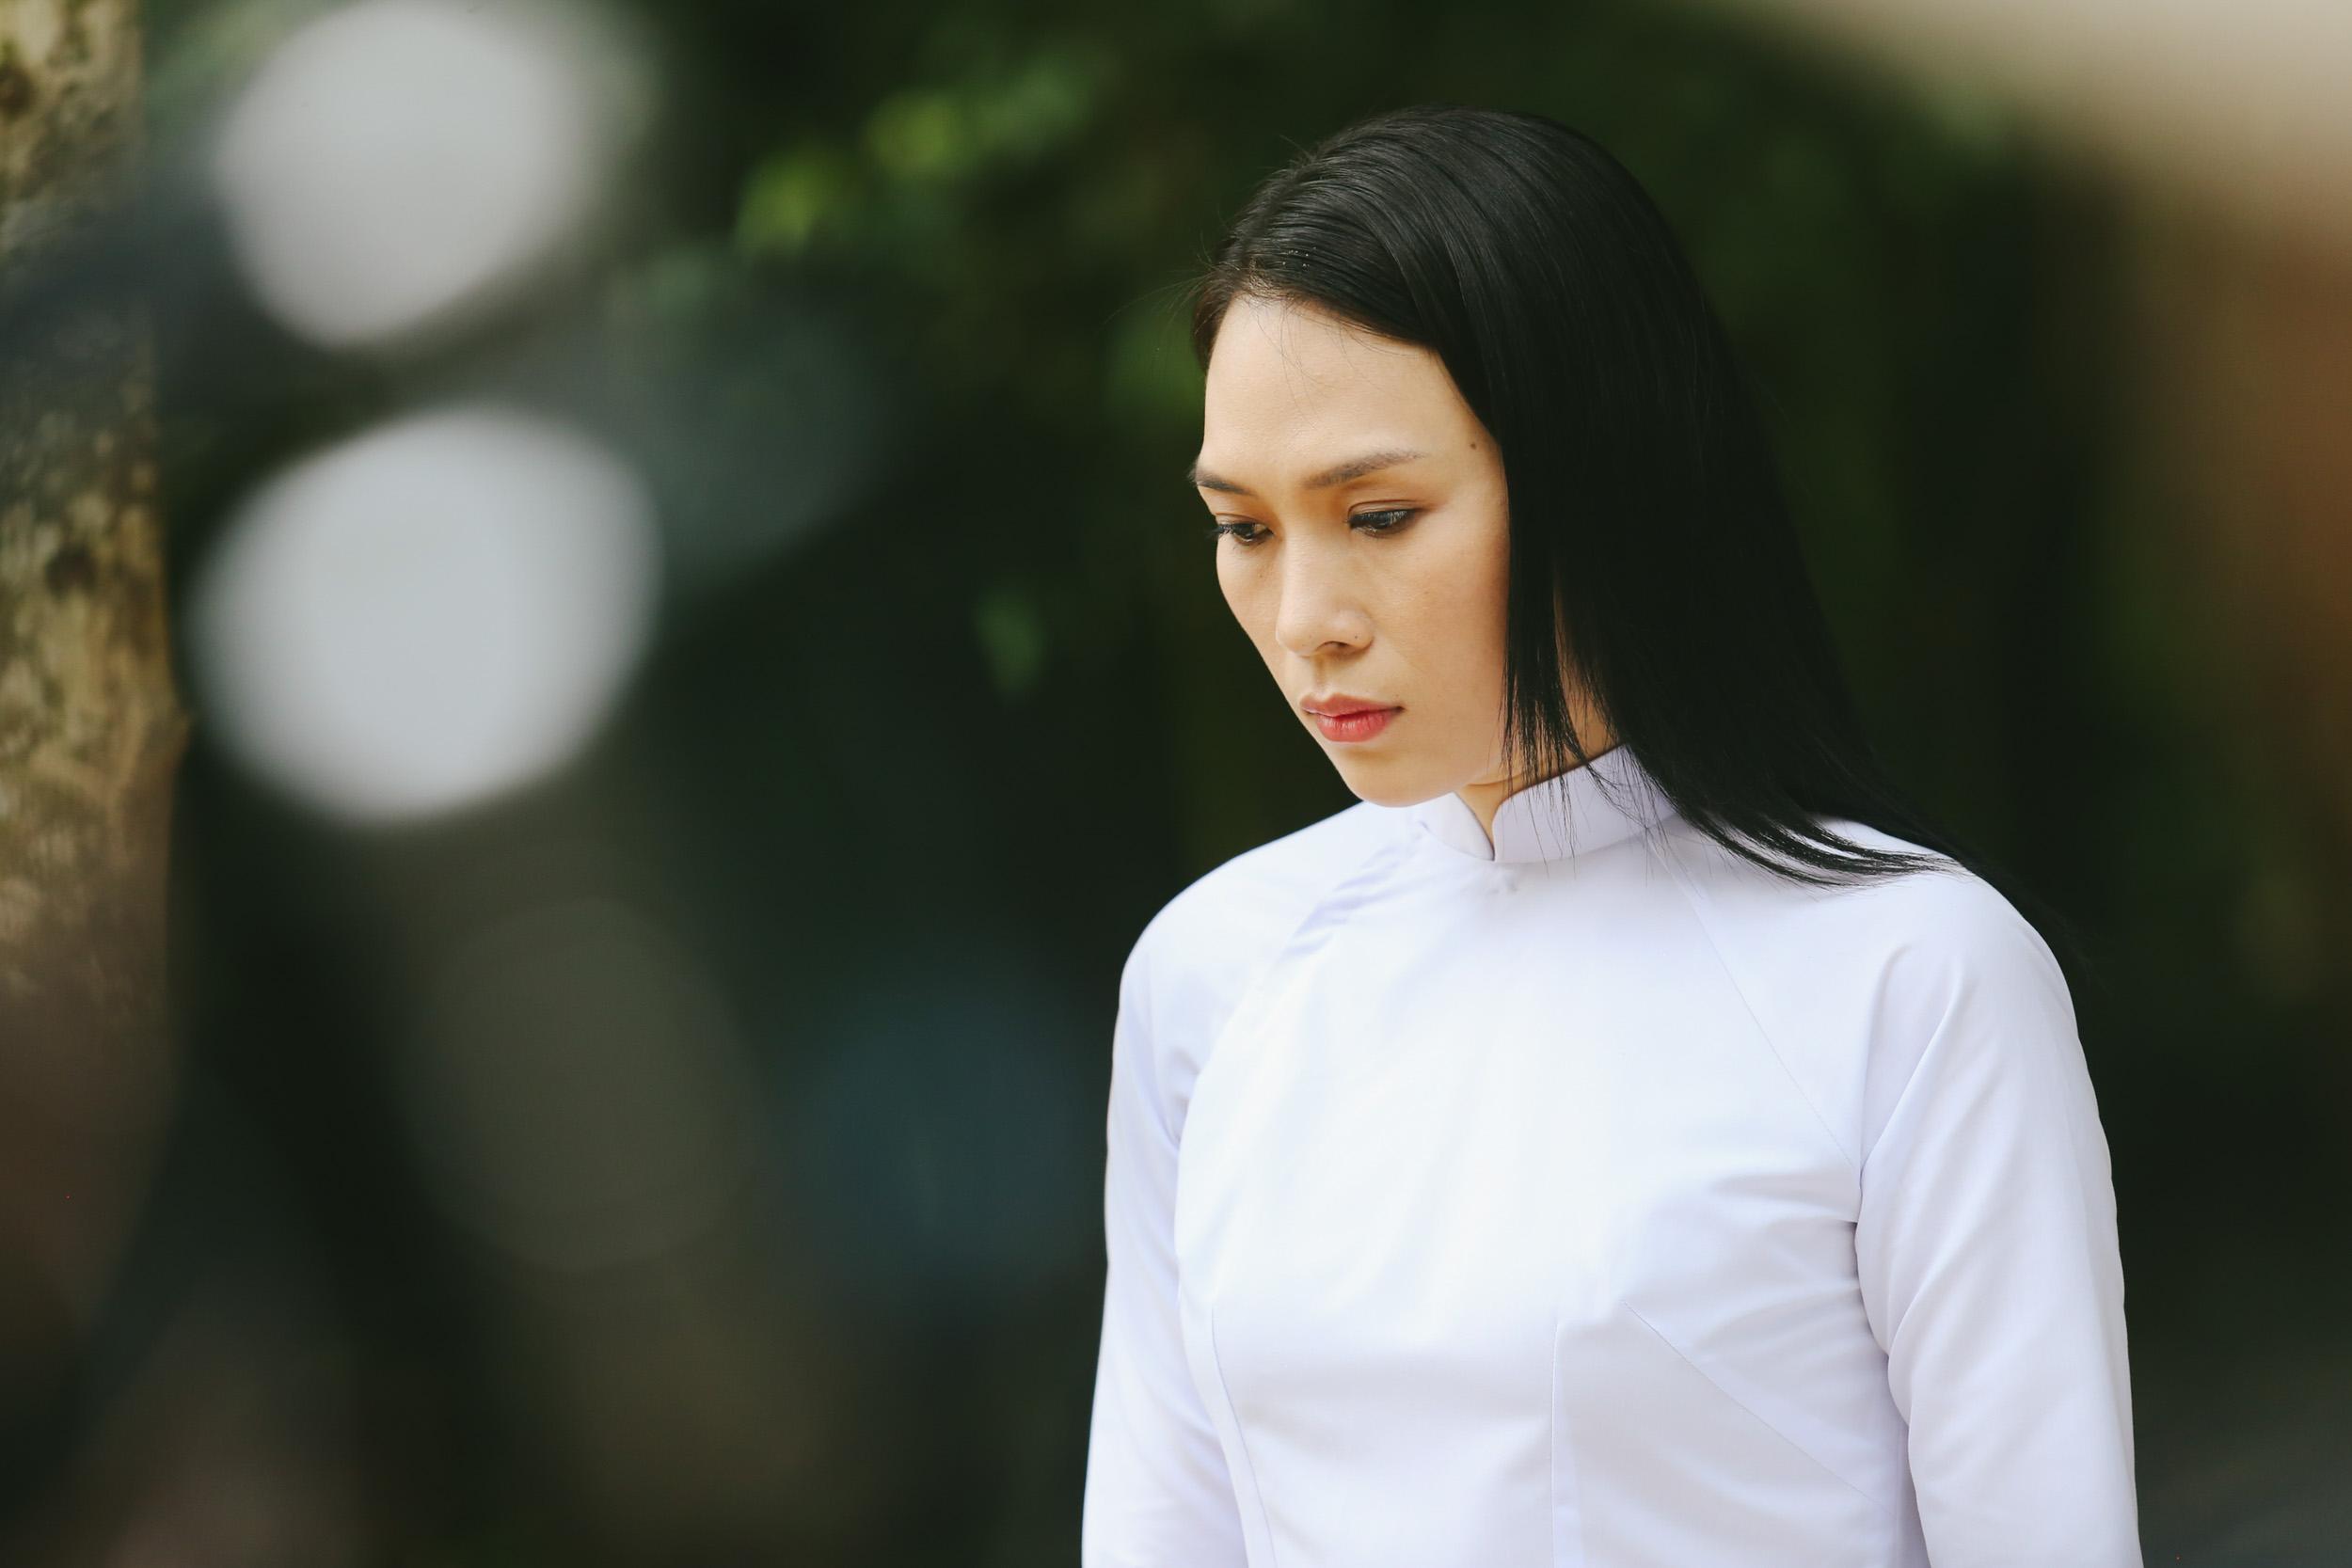 Đại chiến trending Vpop: Noo Phước Thịnh tạm dẫn đầu, MV của Mỹ Tâm vượt mặt Chi Pu chỉ sau 1 ngày ra mắt - Ảnh 4.